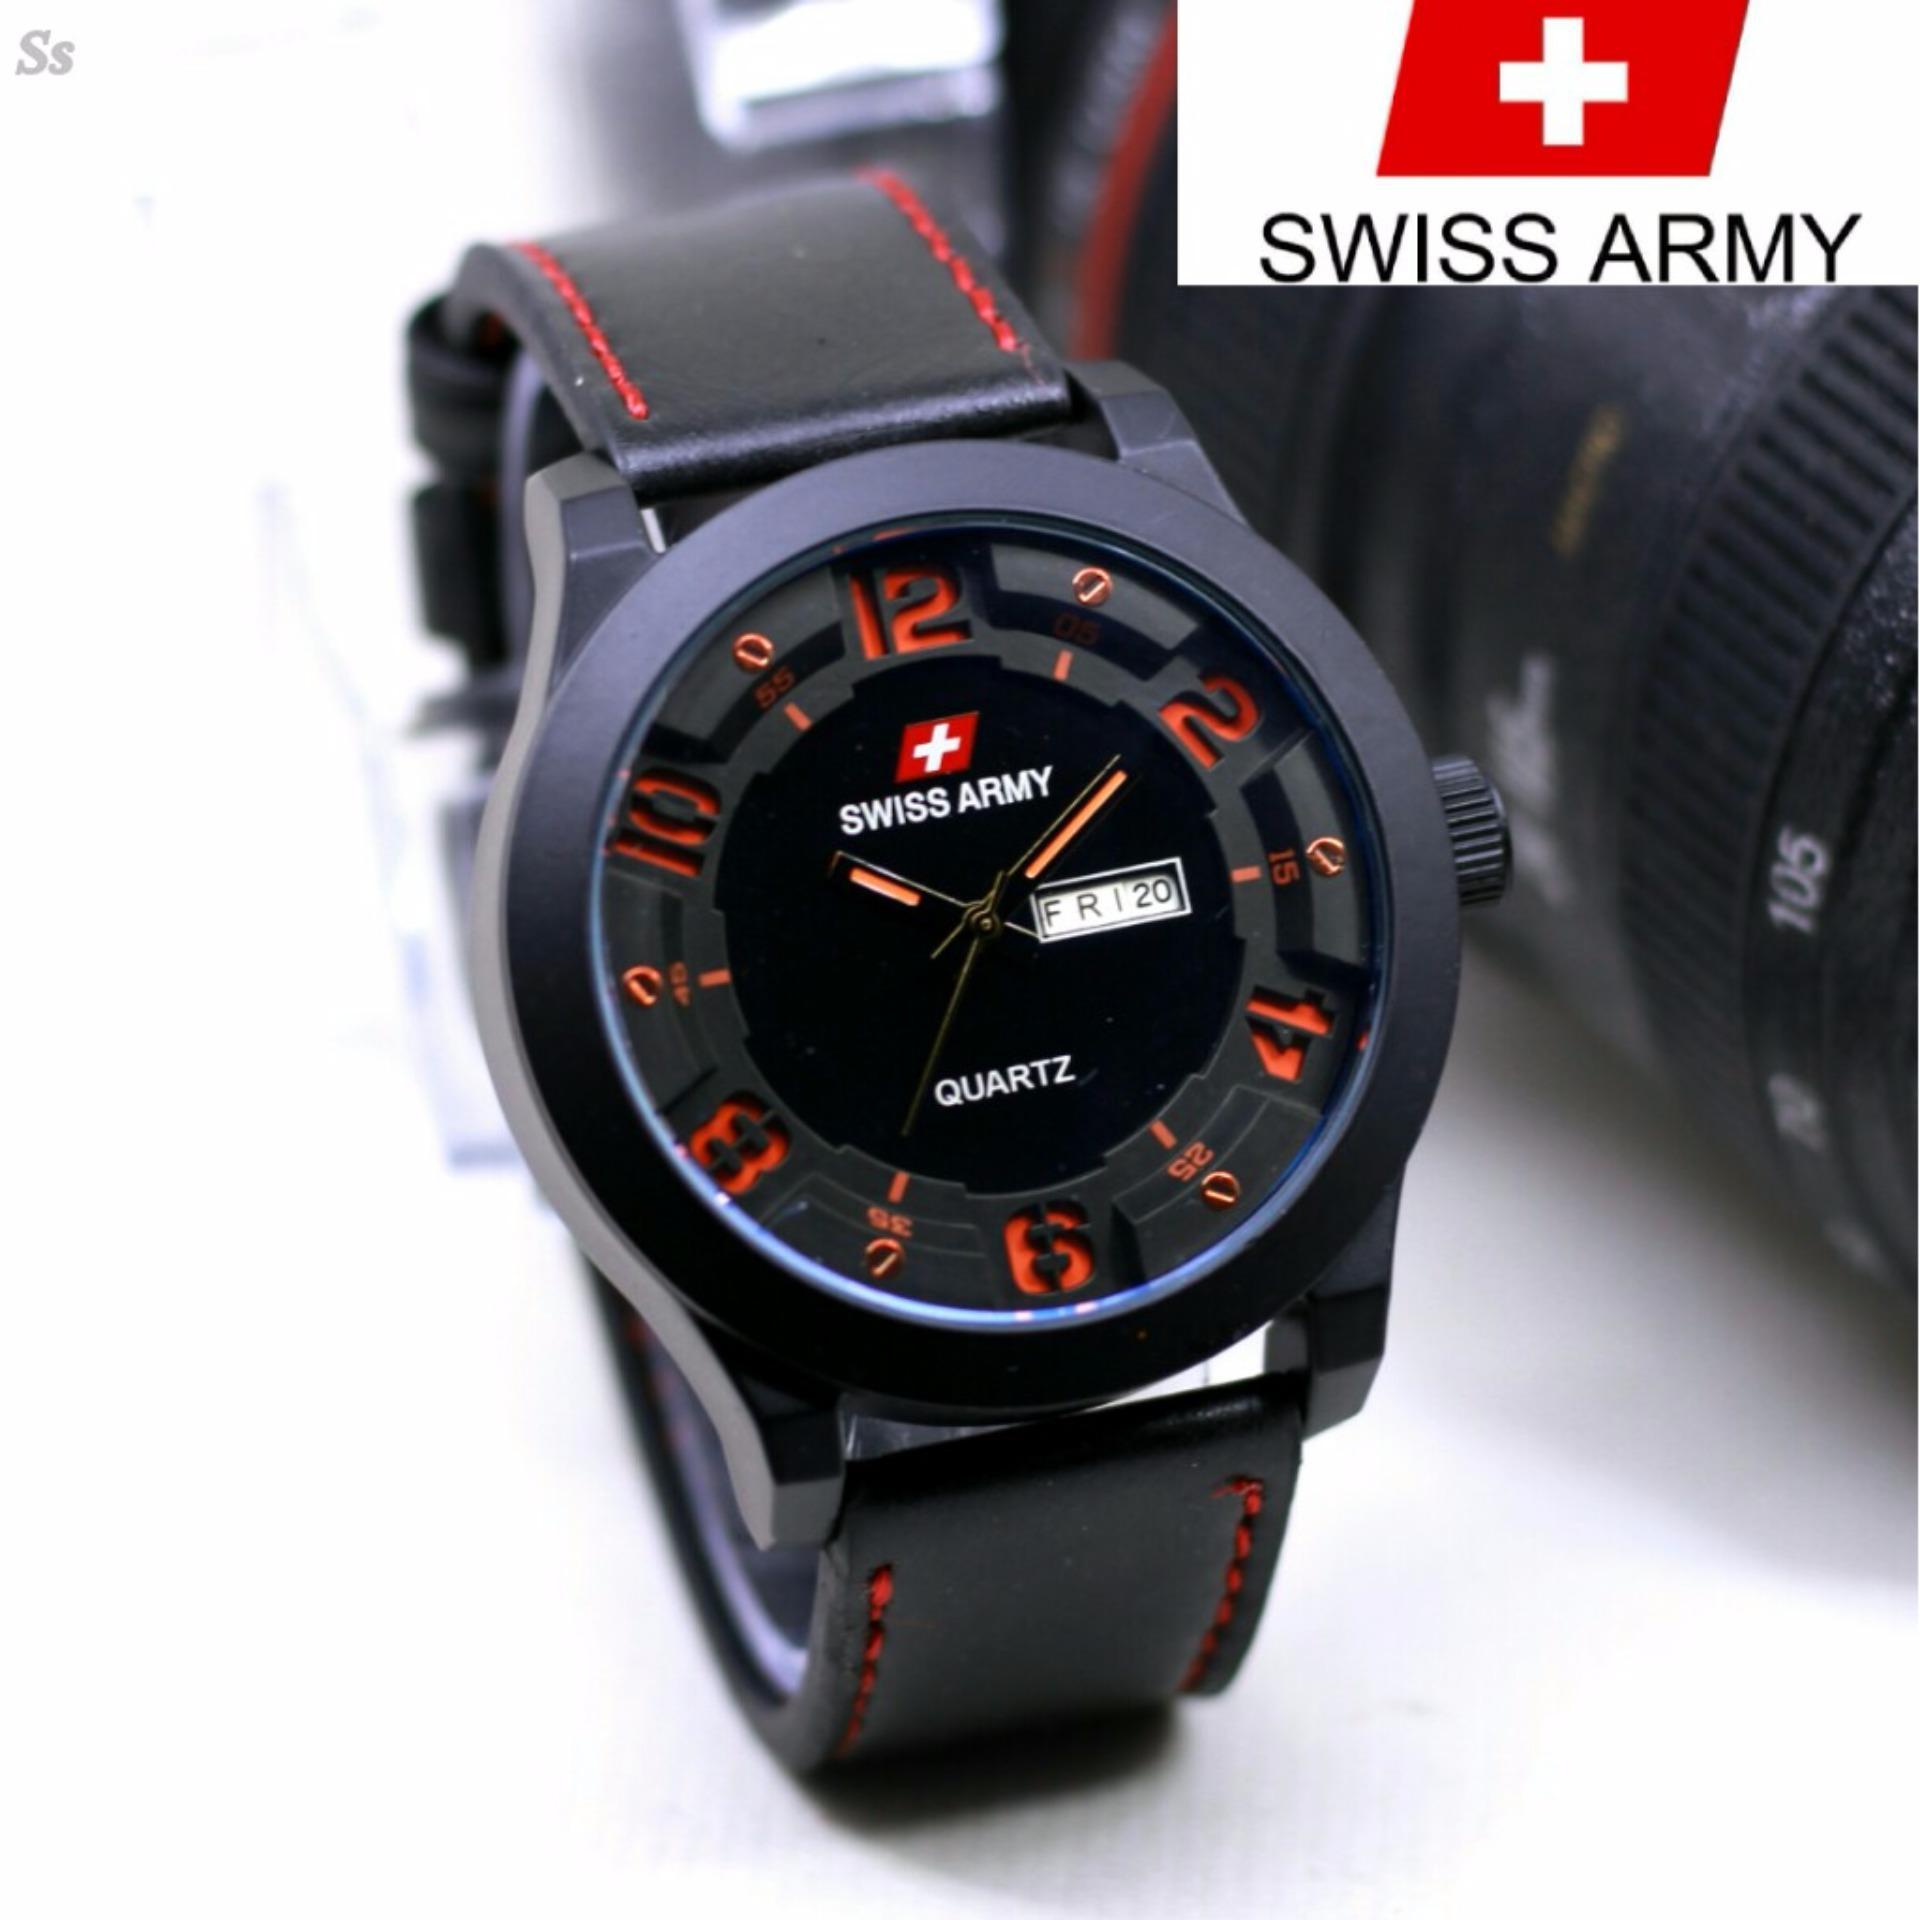 Flash Sale Swiss Army - Original - Jam Tangan Pria - Tali Kulit - 4432 AR